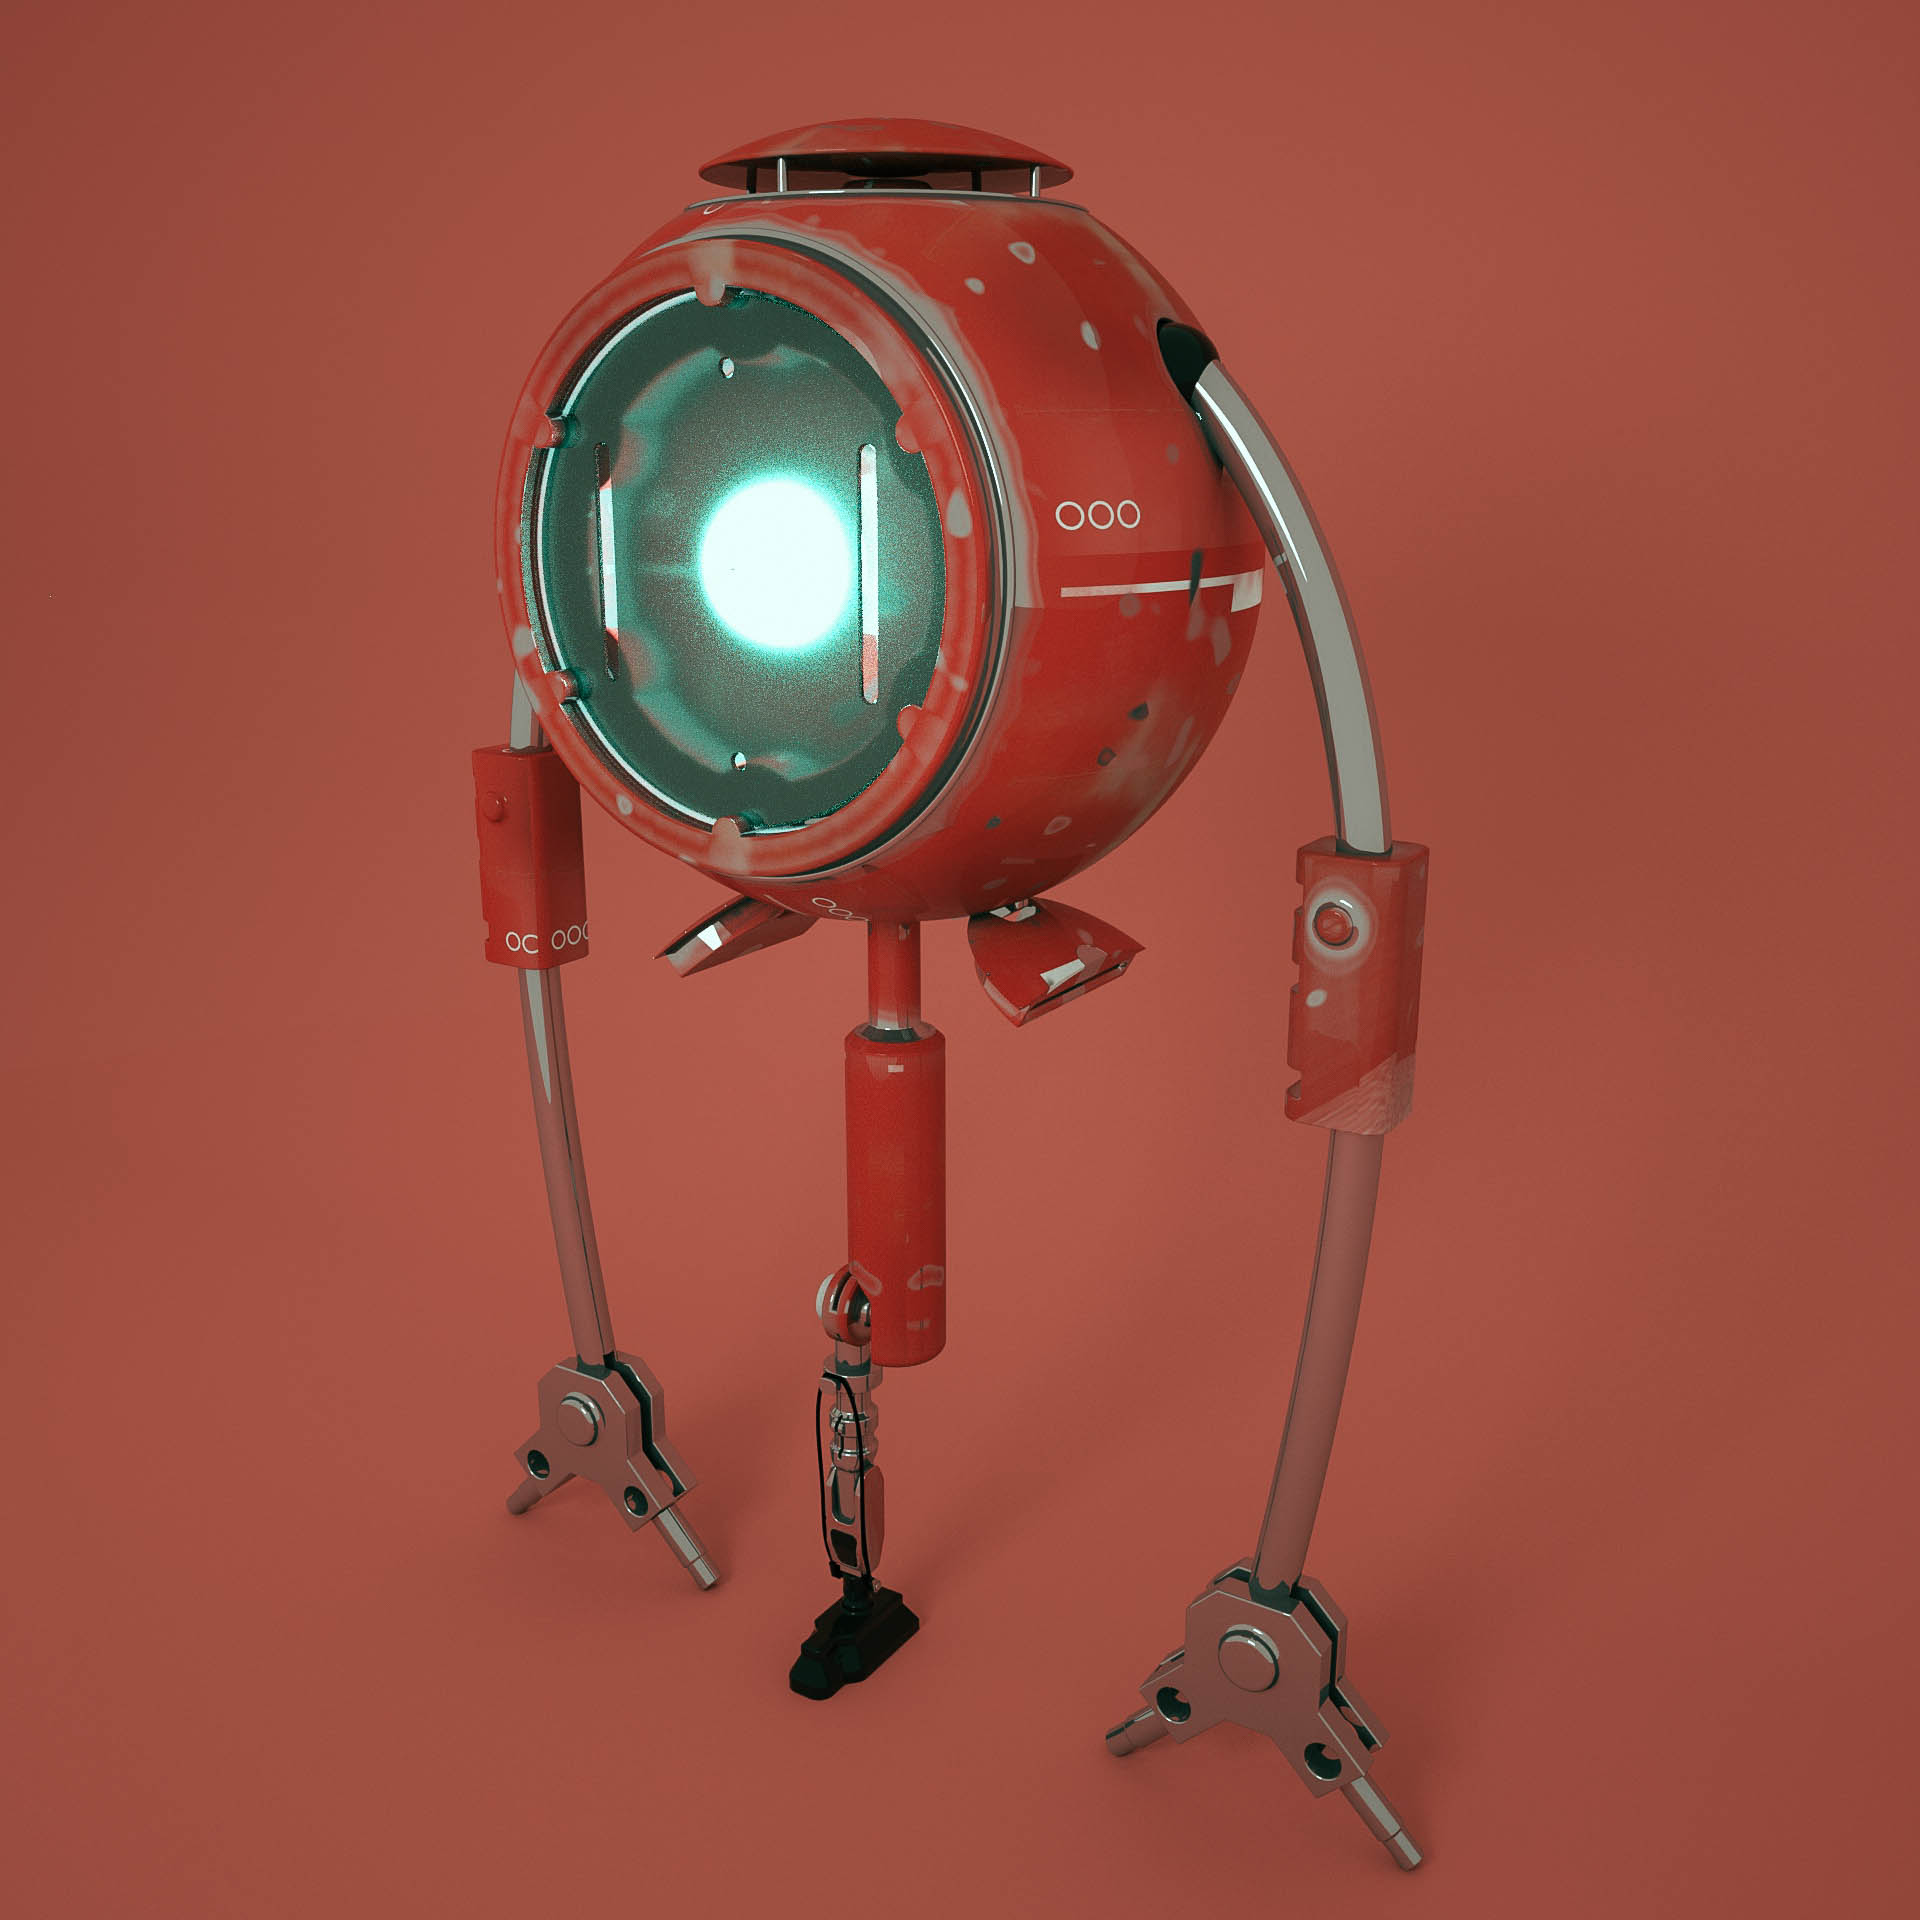 Robot_8-1-5